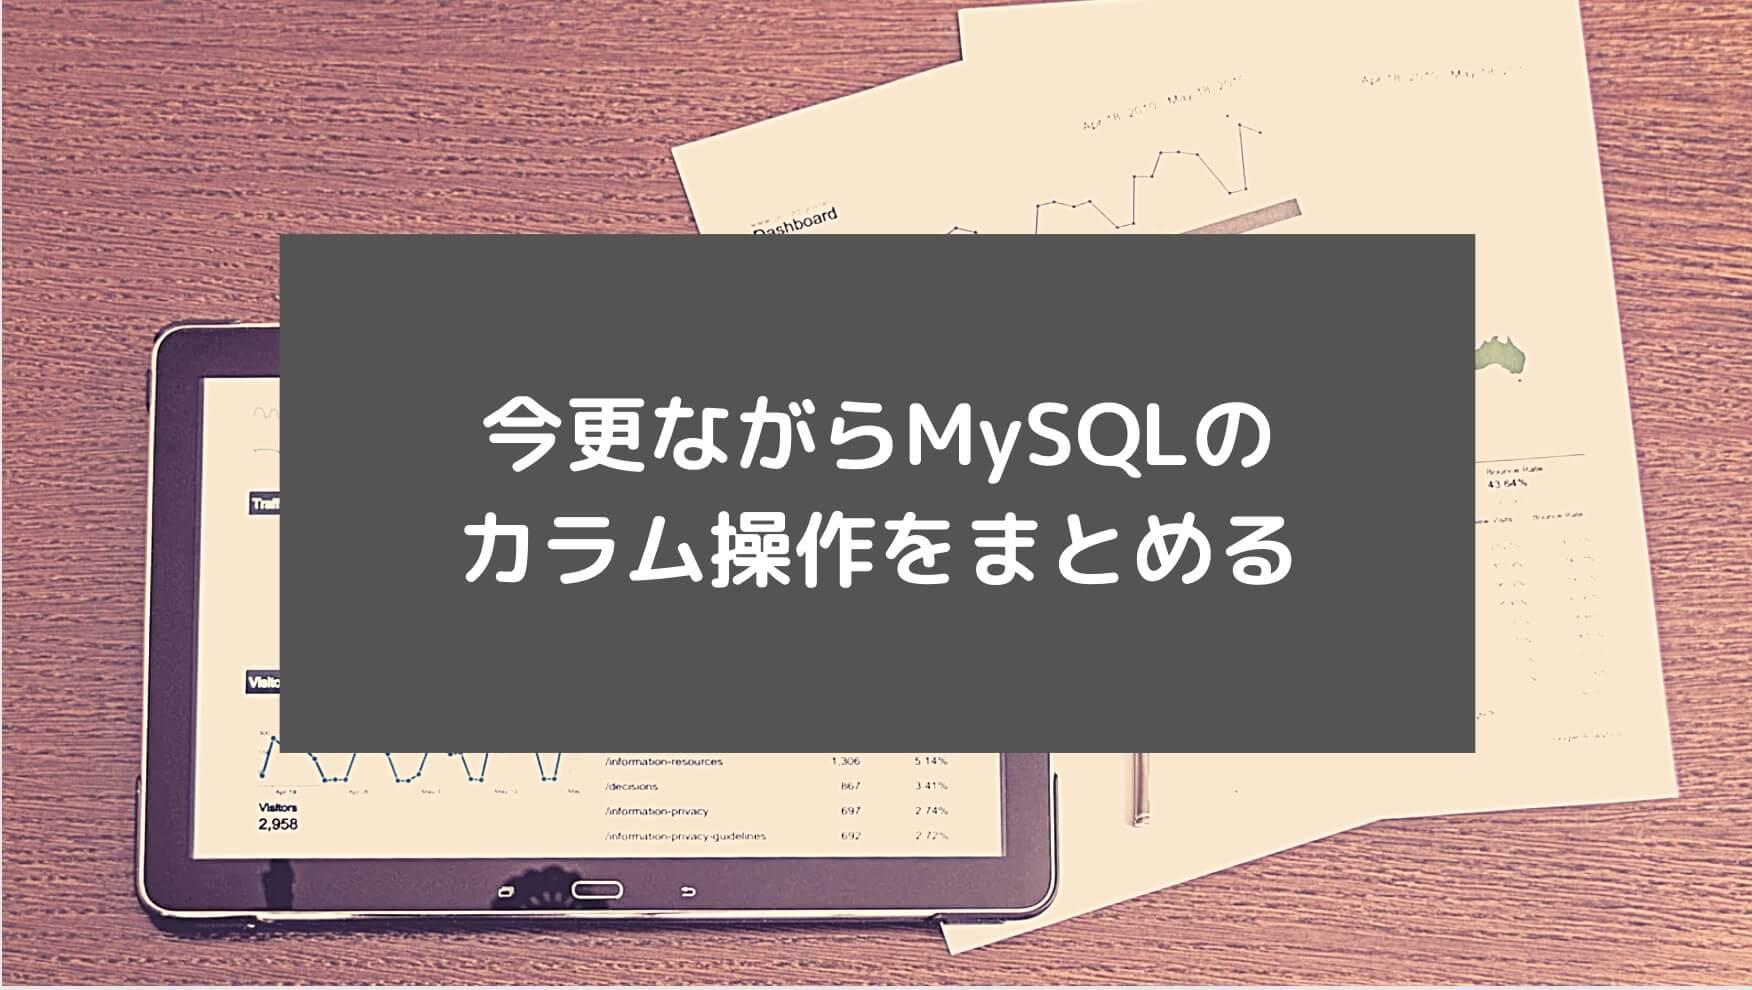 今更ながらMySQLのカラム操作をまとめると書かれた画像